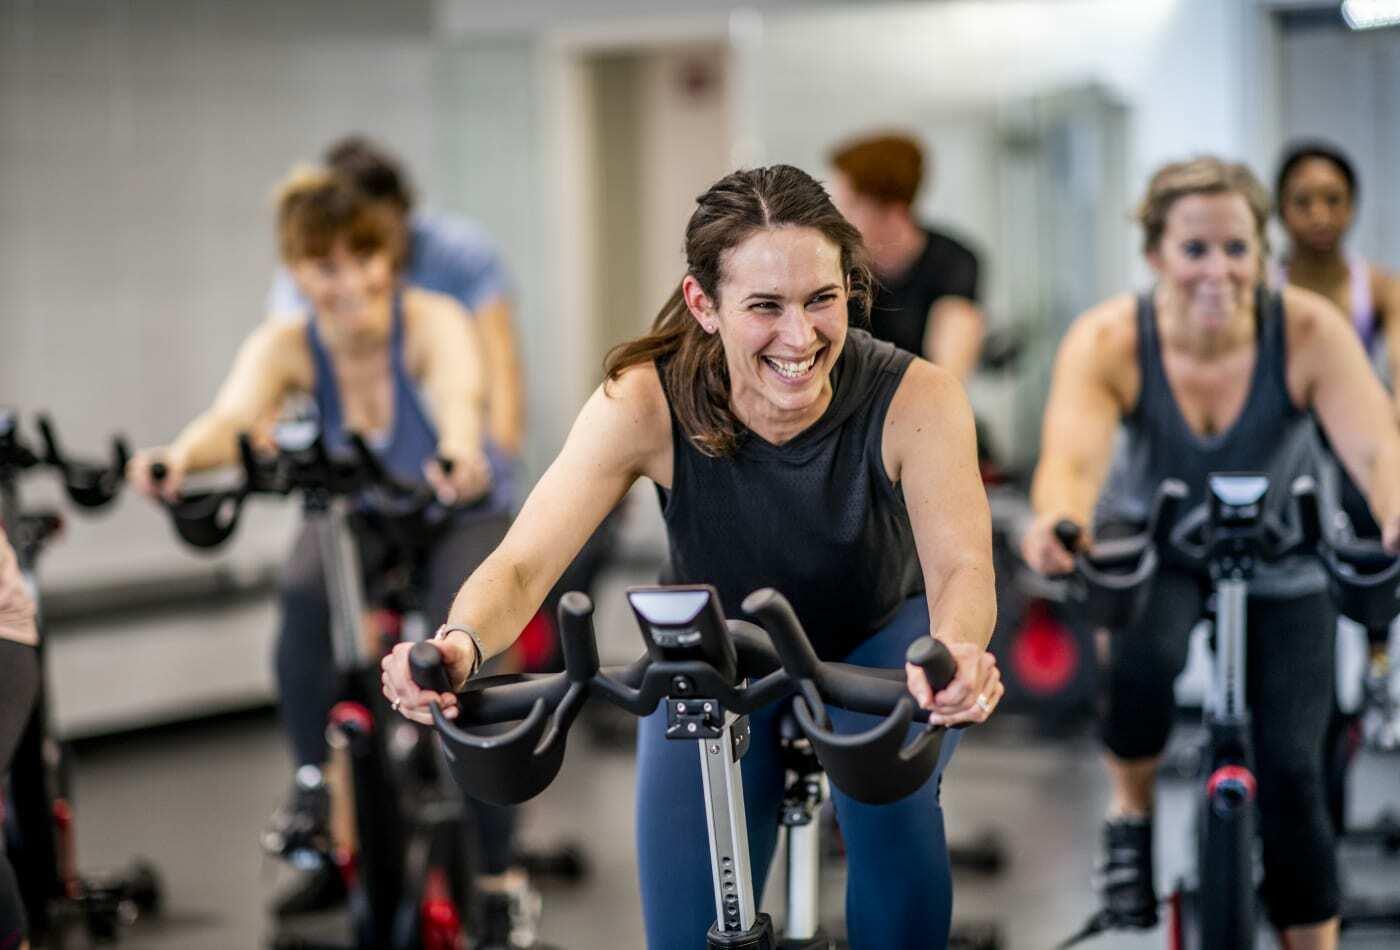 Thực hiện các thủ tục pháp lý phù hợp để kinh doanh phòng gym